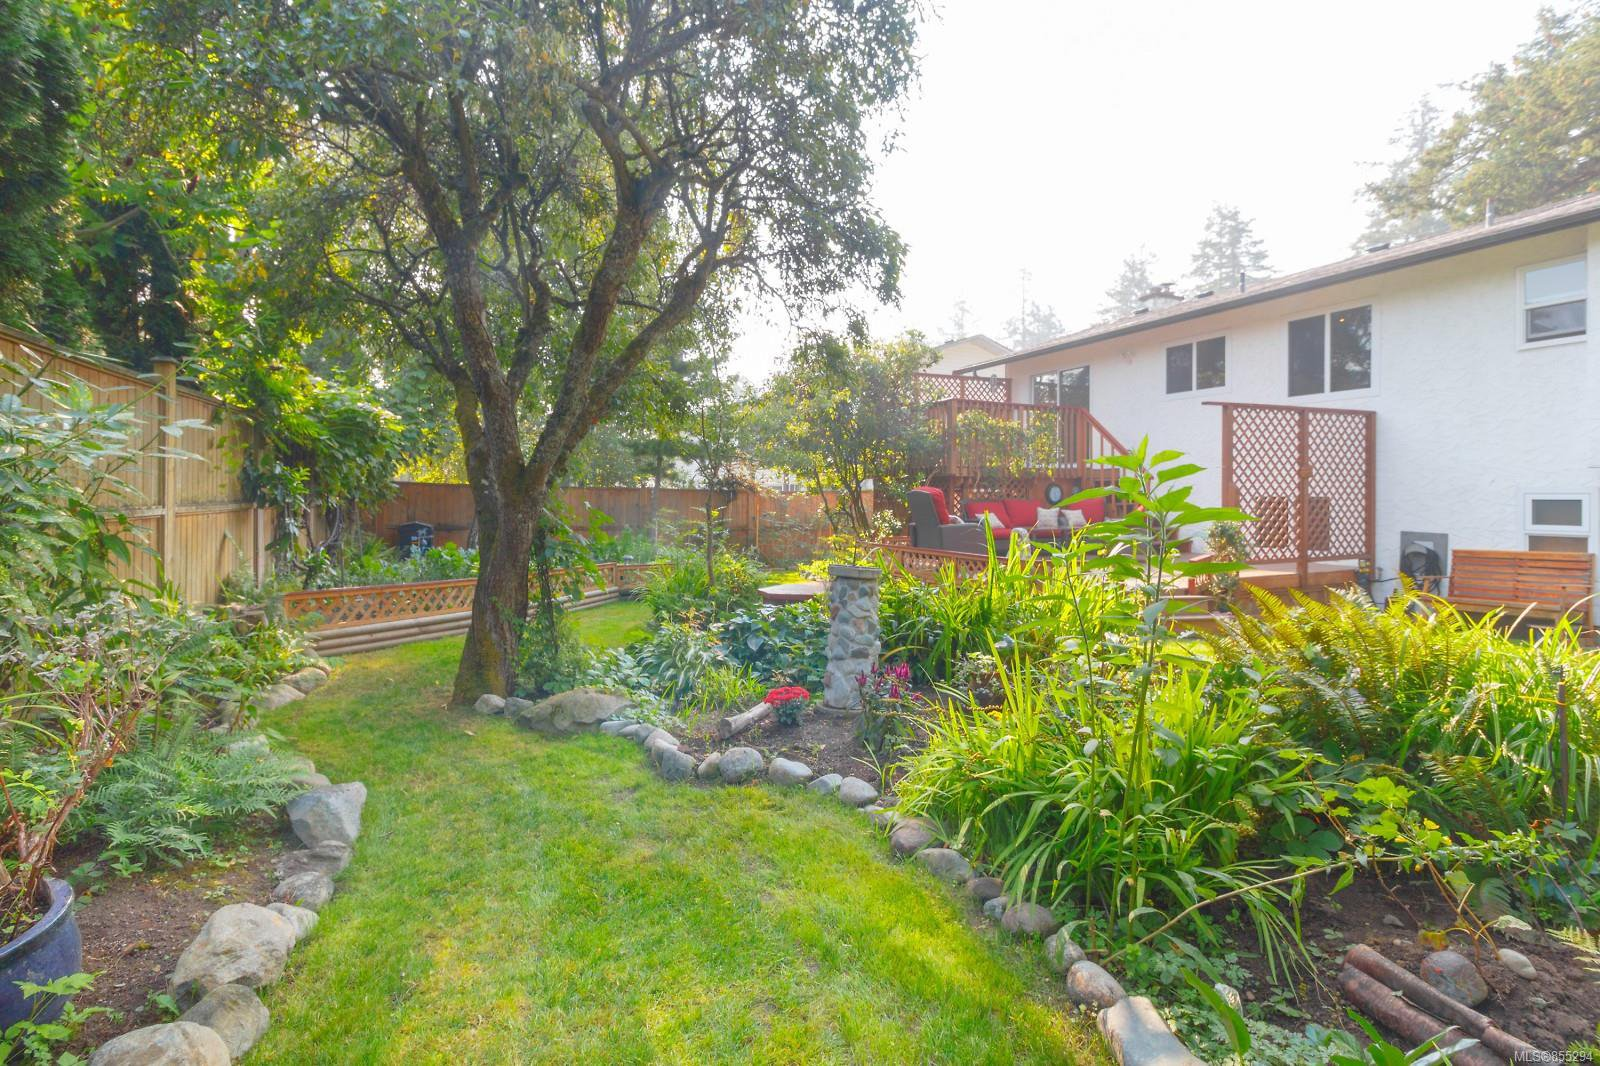 Main Photo: 1188 Craigflower Rd in : Es Kinsmen Park Single Family Detached for sale (Esquimalt)  : MLS®# 855294